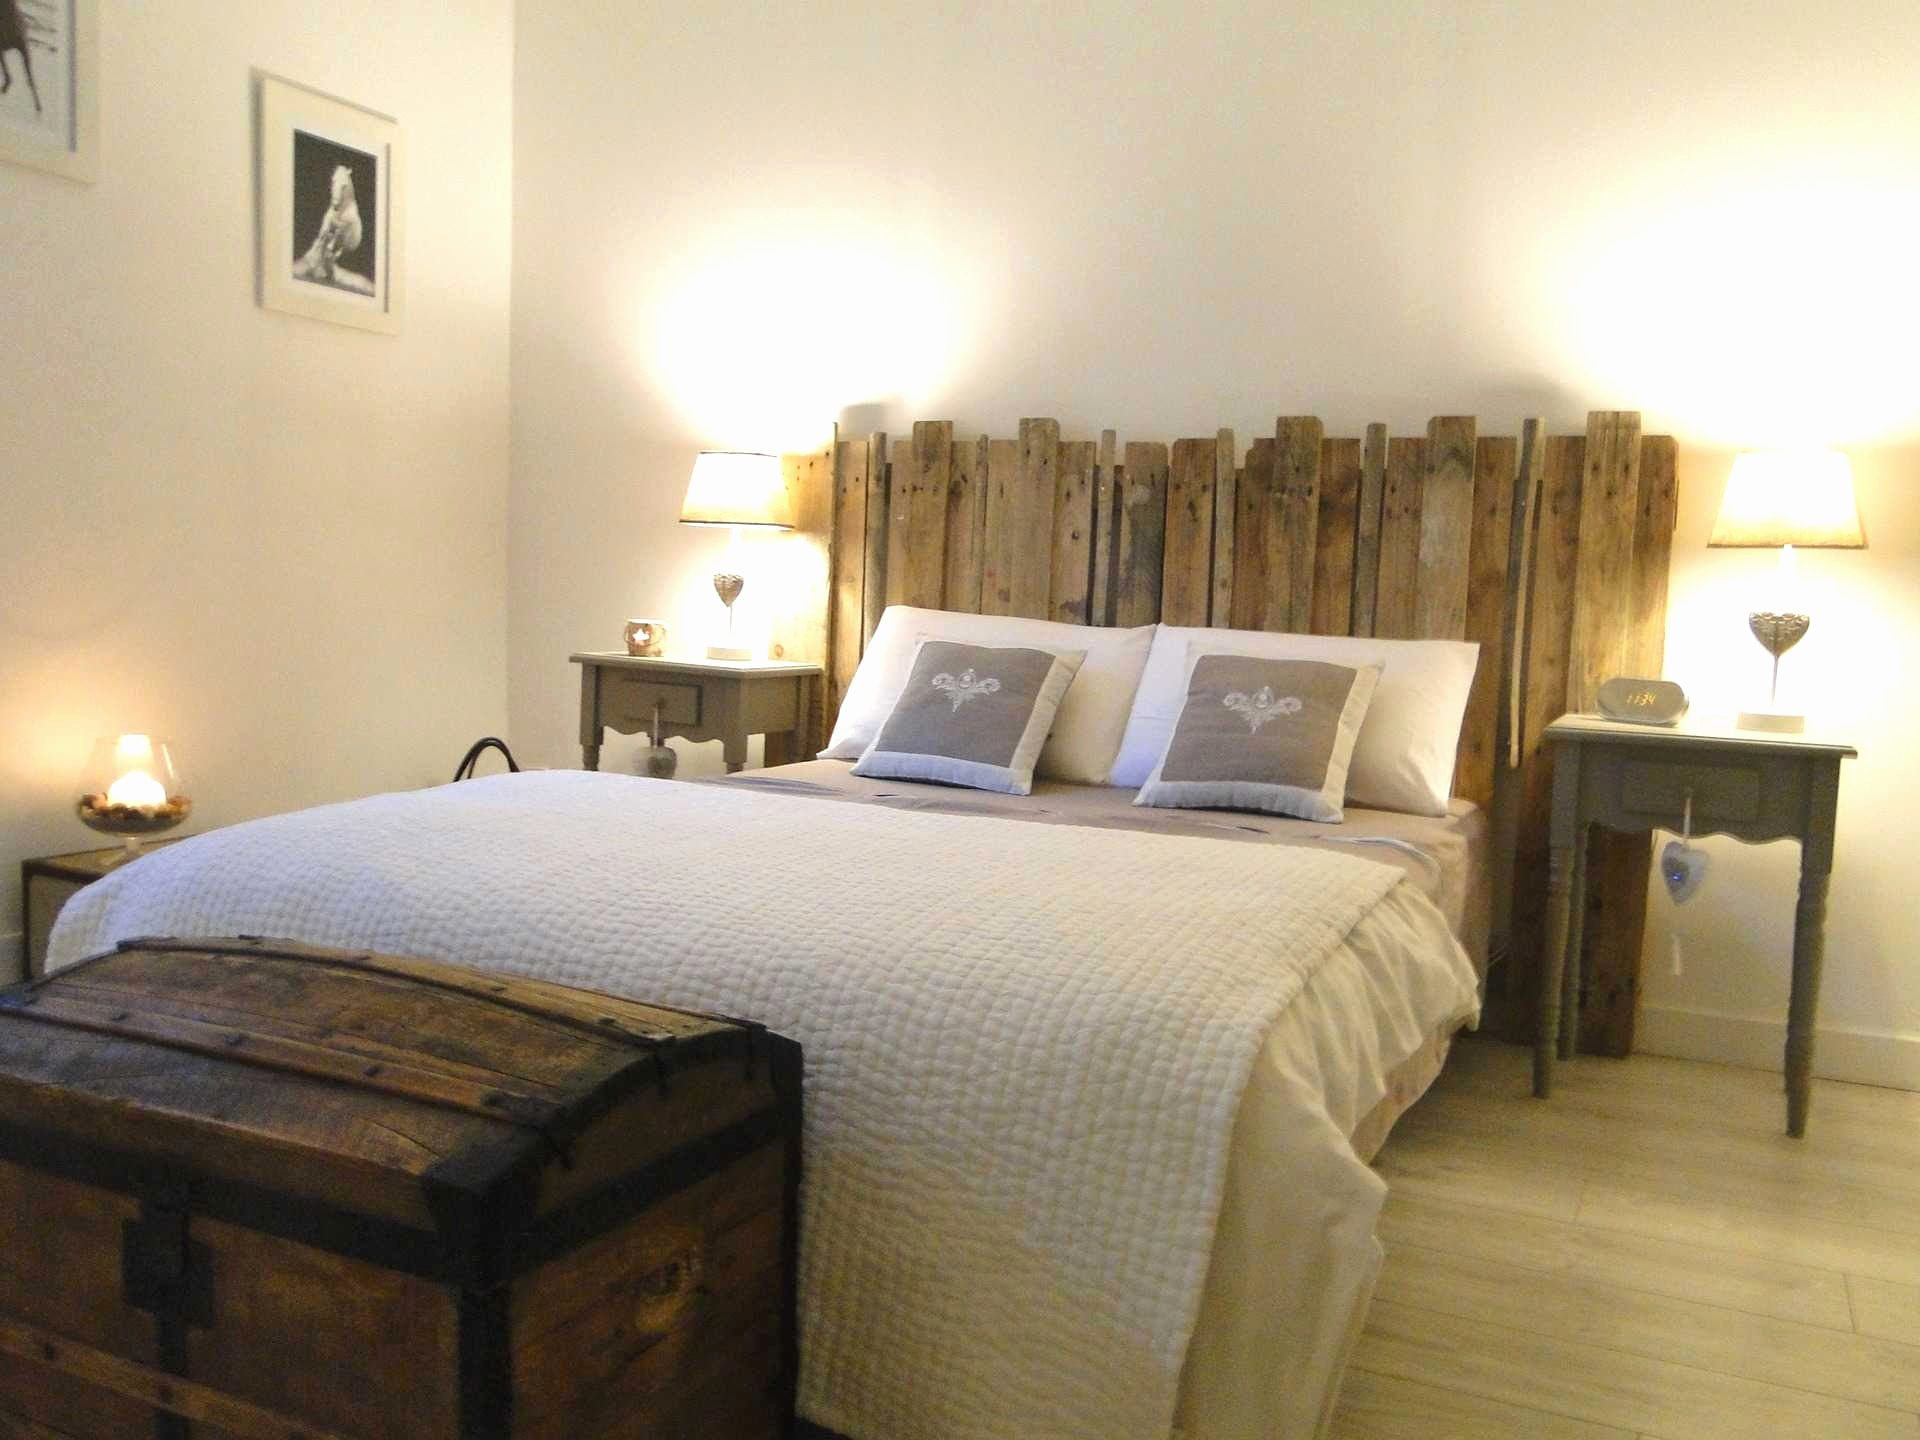 Tete De Lit En Palette Prix une tête de lit en palette, une bonne idée ? - blog